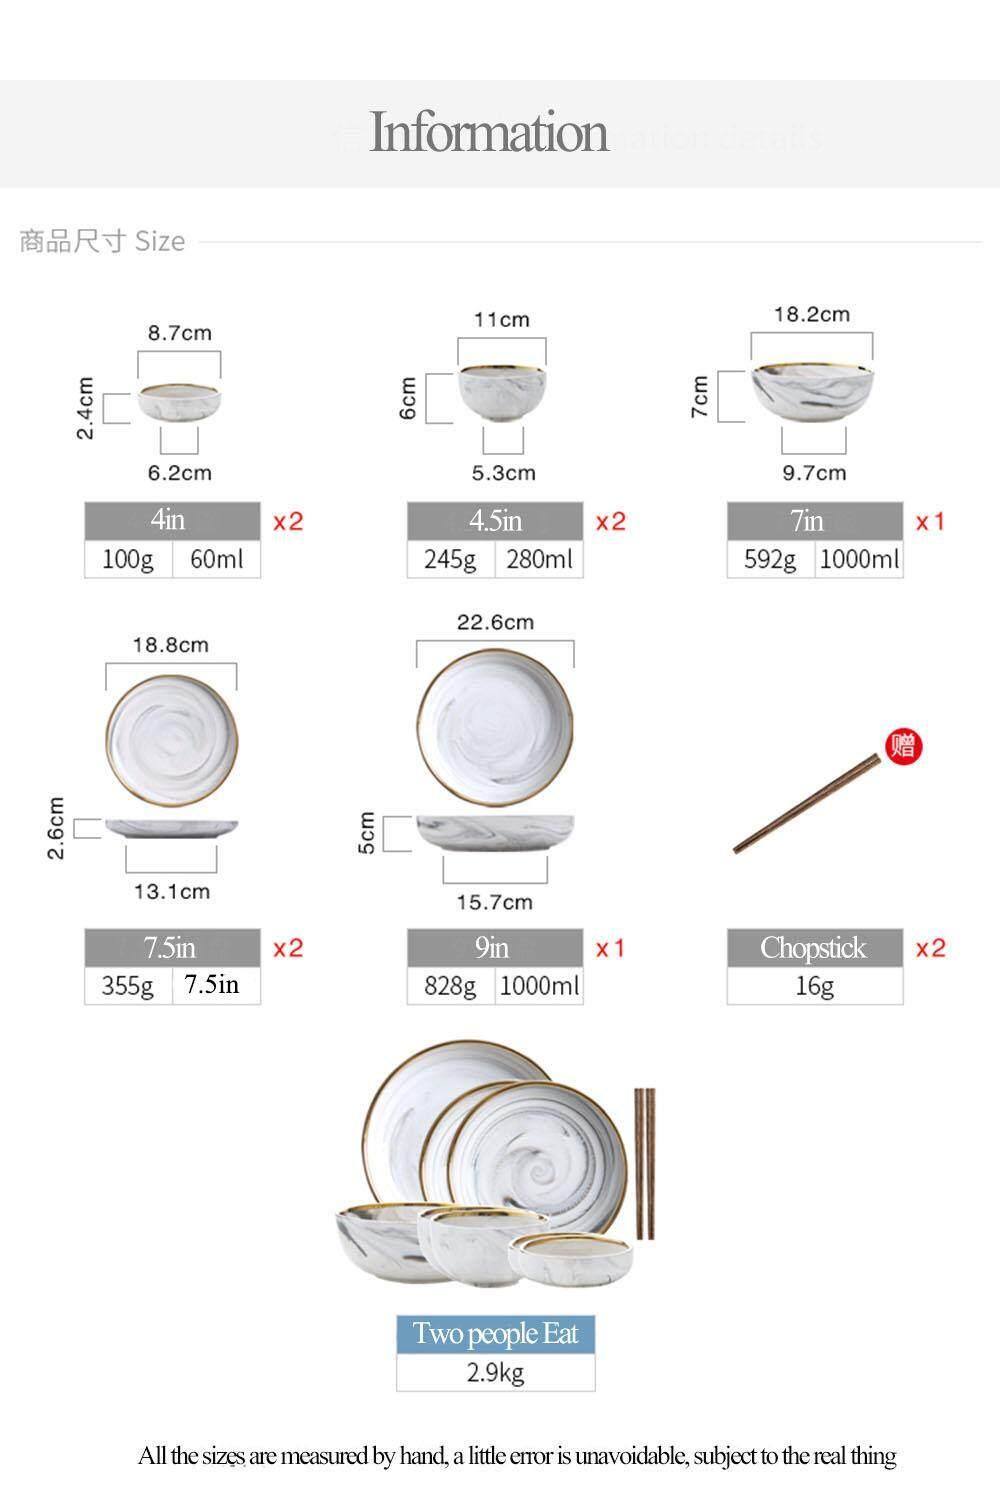 0523【全新】陶瓷-BZZ大理金沿系(二人食)A_11 副本.jpg